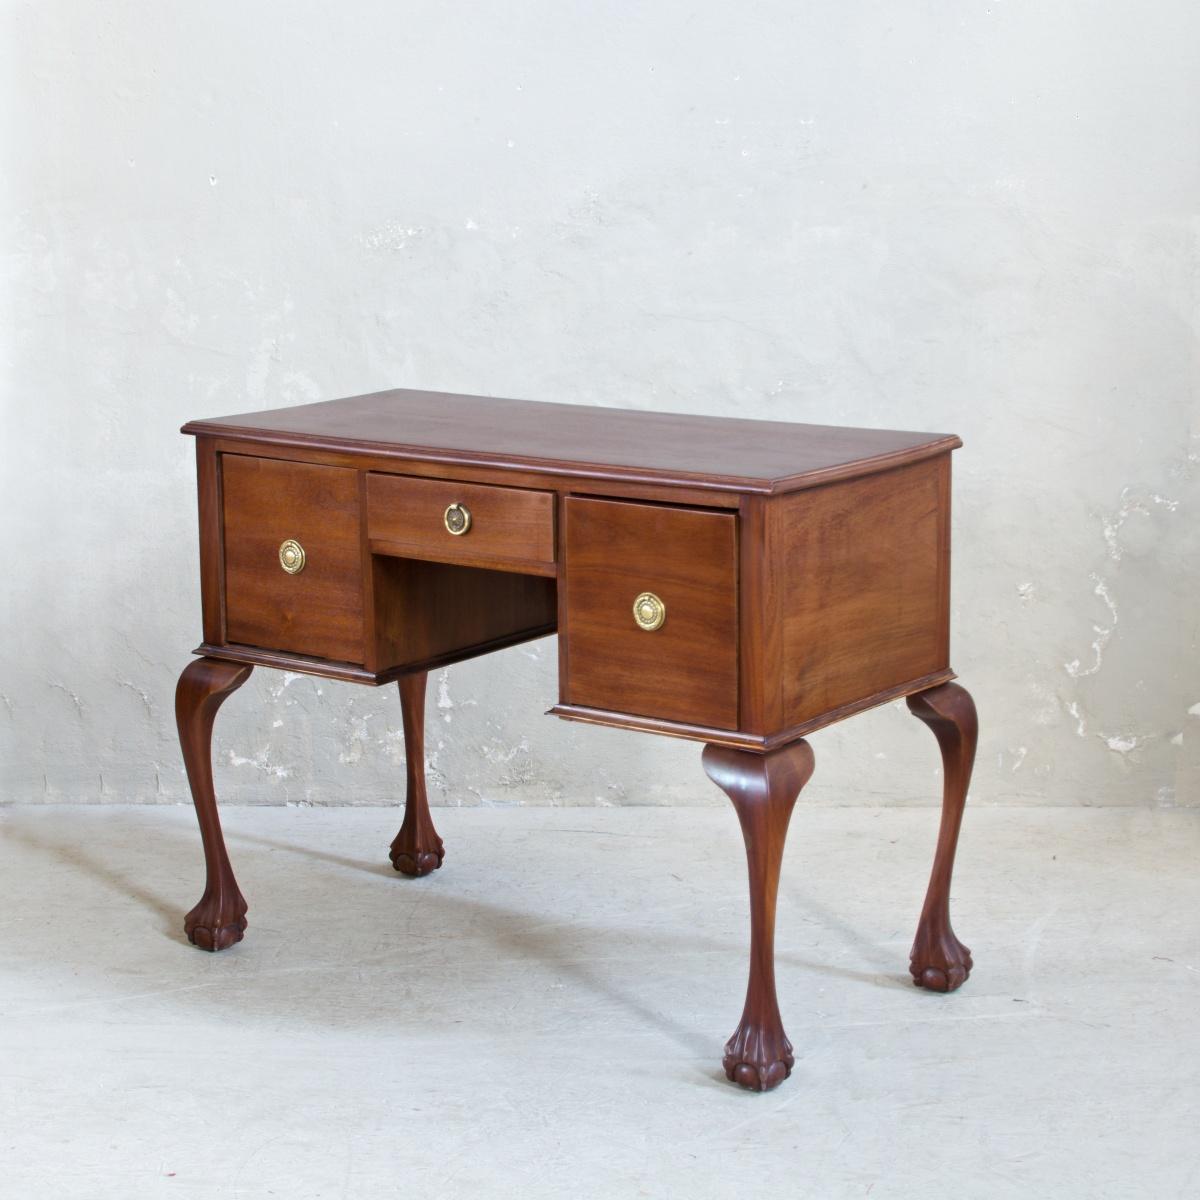 Prodej Anglického nábytku Praha Anglický odkládací stolek